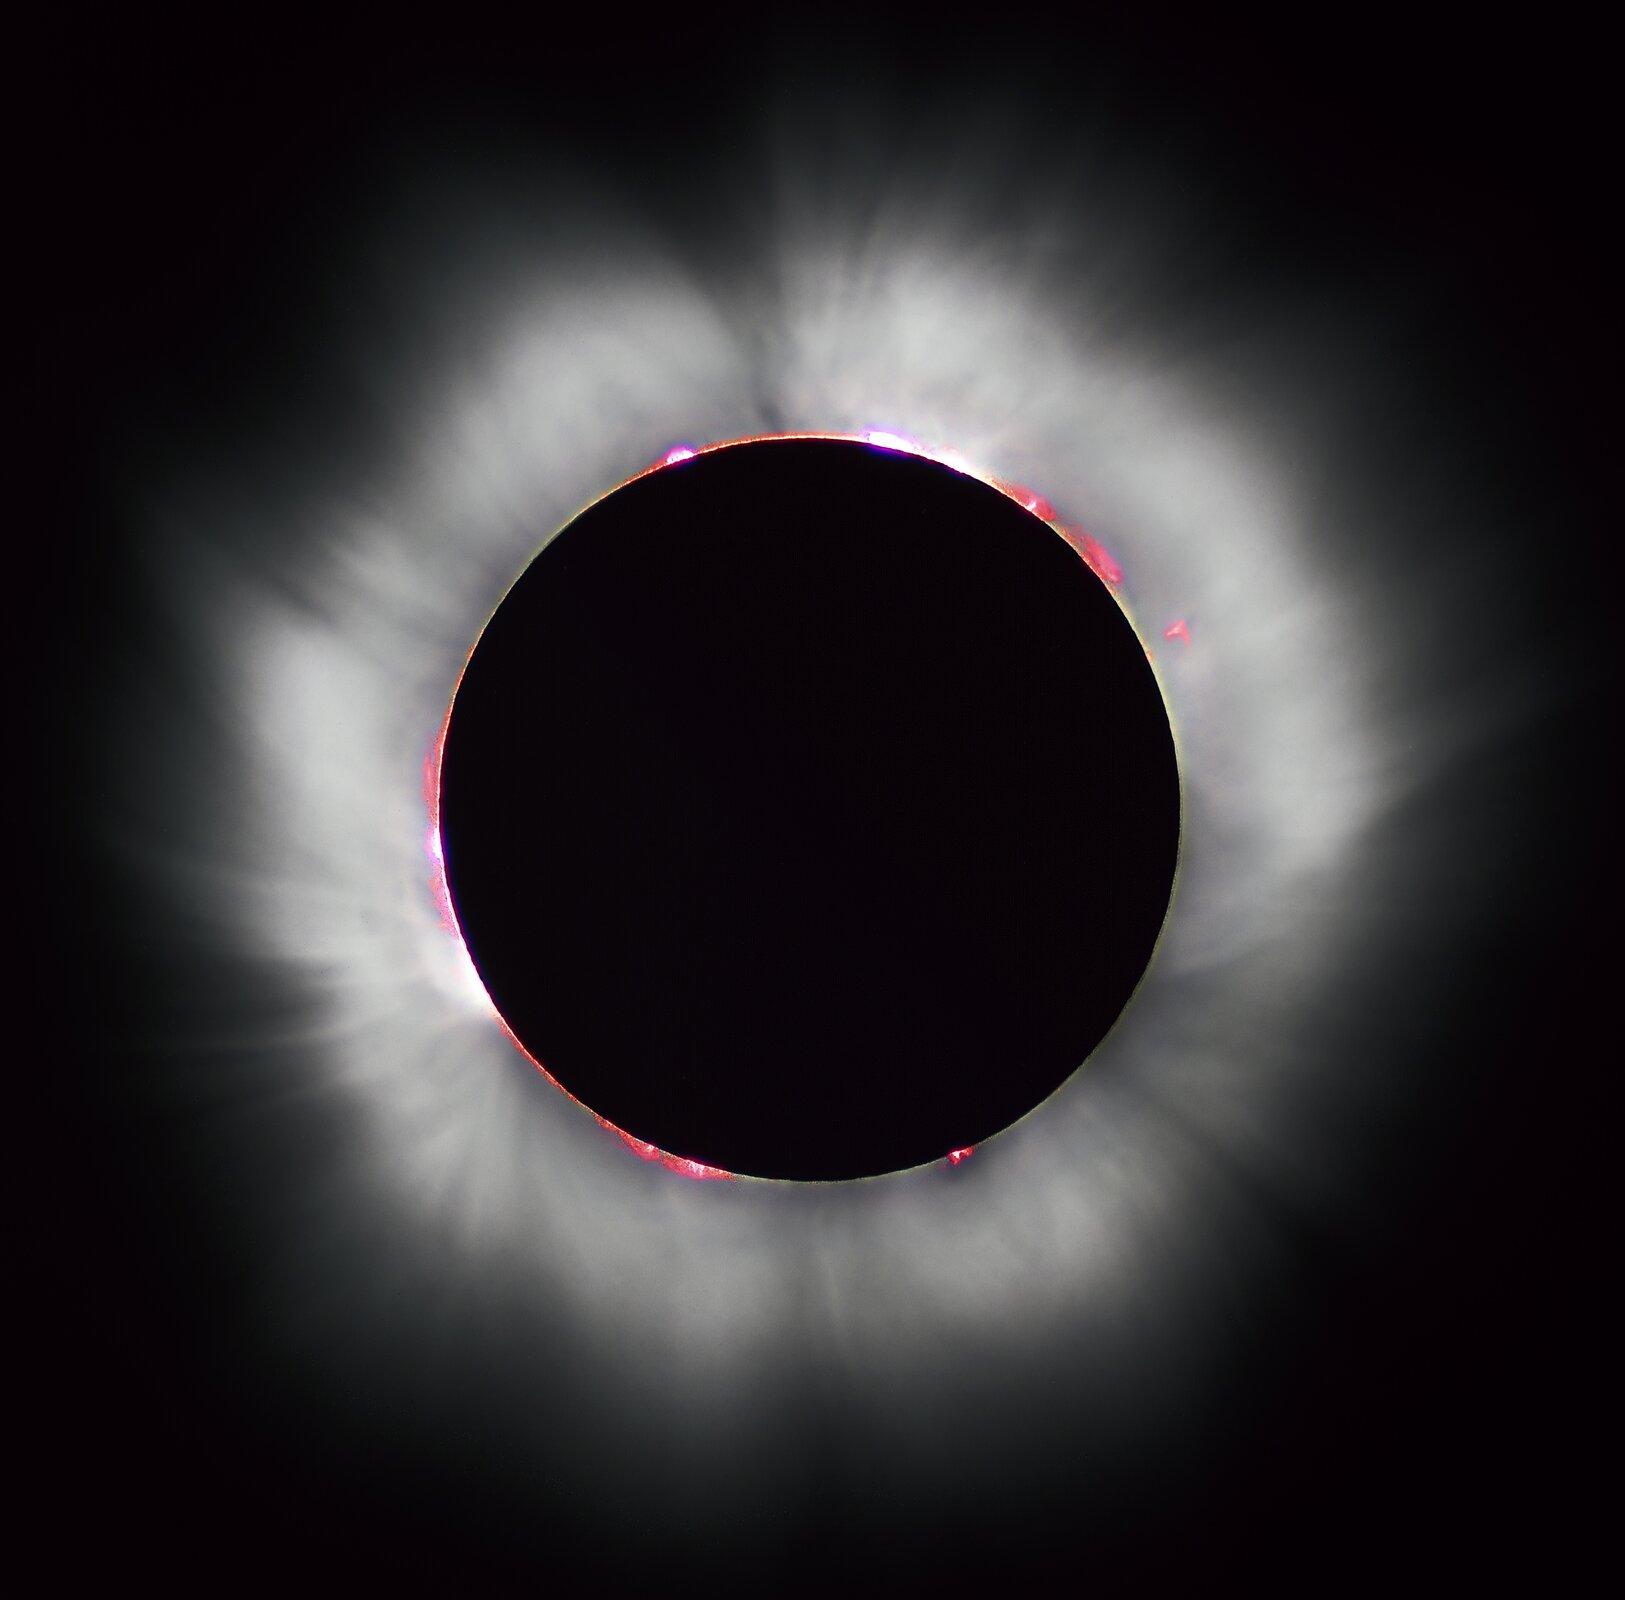 Zdjęcie przedstawia całkowite zaćmienie Słońca. Tarcza Słońca jest całkowicie zakryta tarczą Księżyca. Księżyc znajduje się wtedy pomiędzy Słońcem iZiemią. Wokół korony Słońca znajduje się biały obłok.